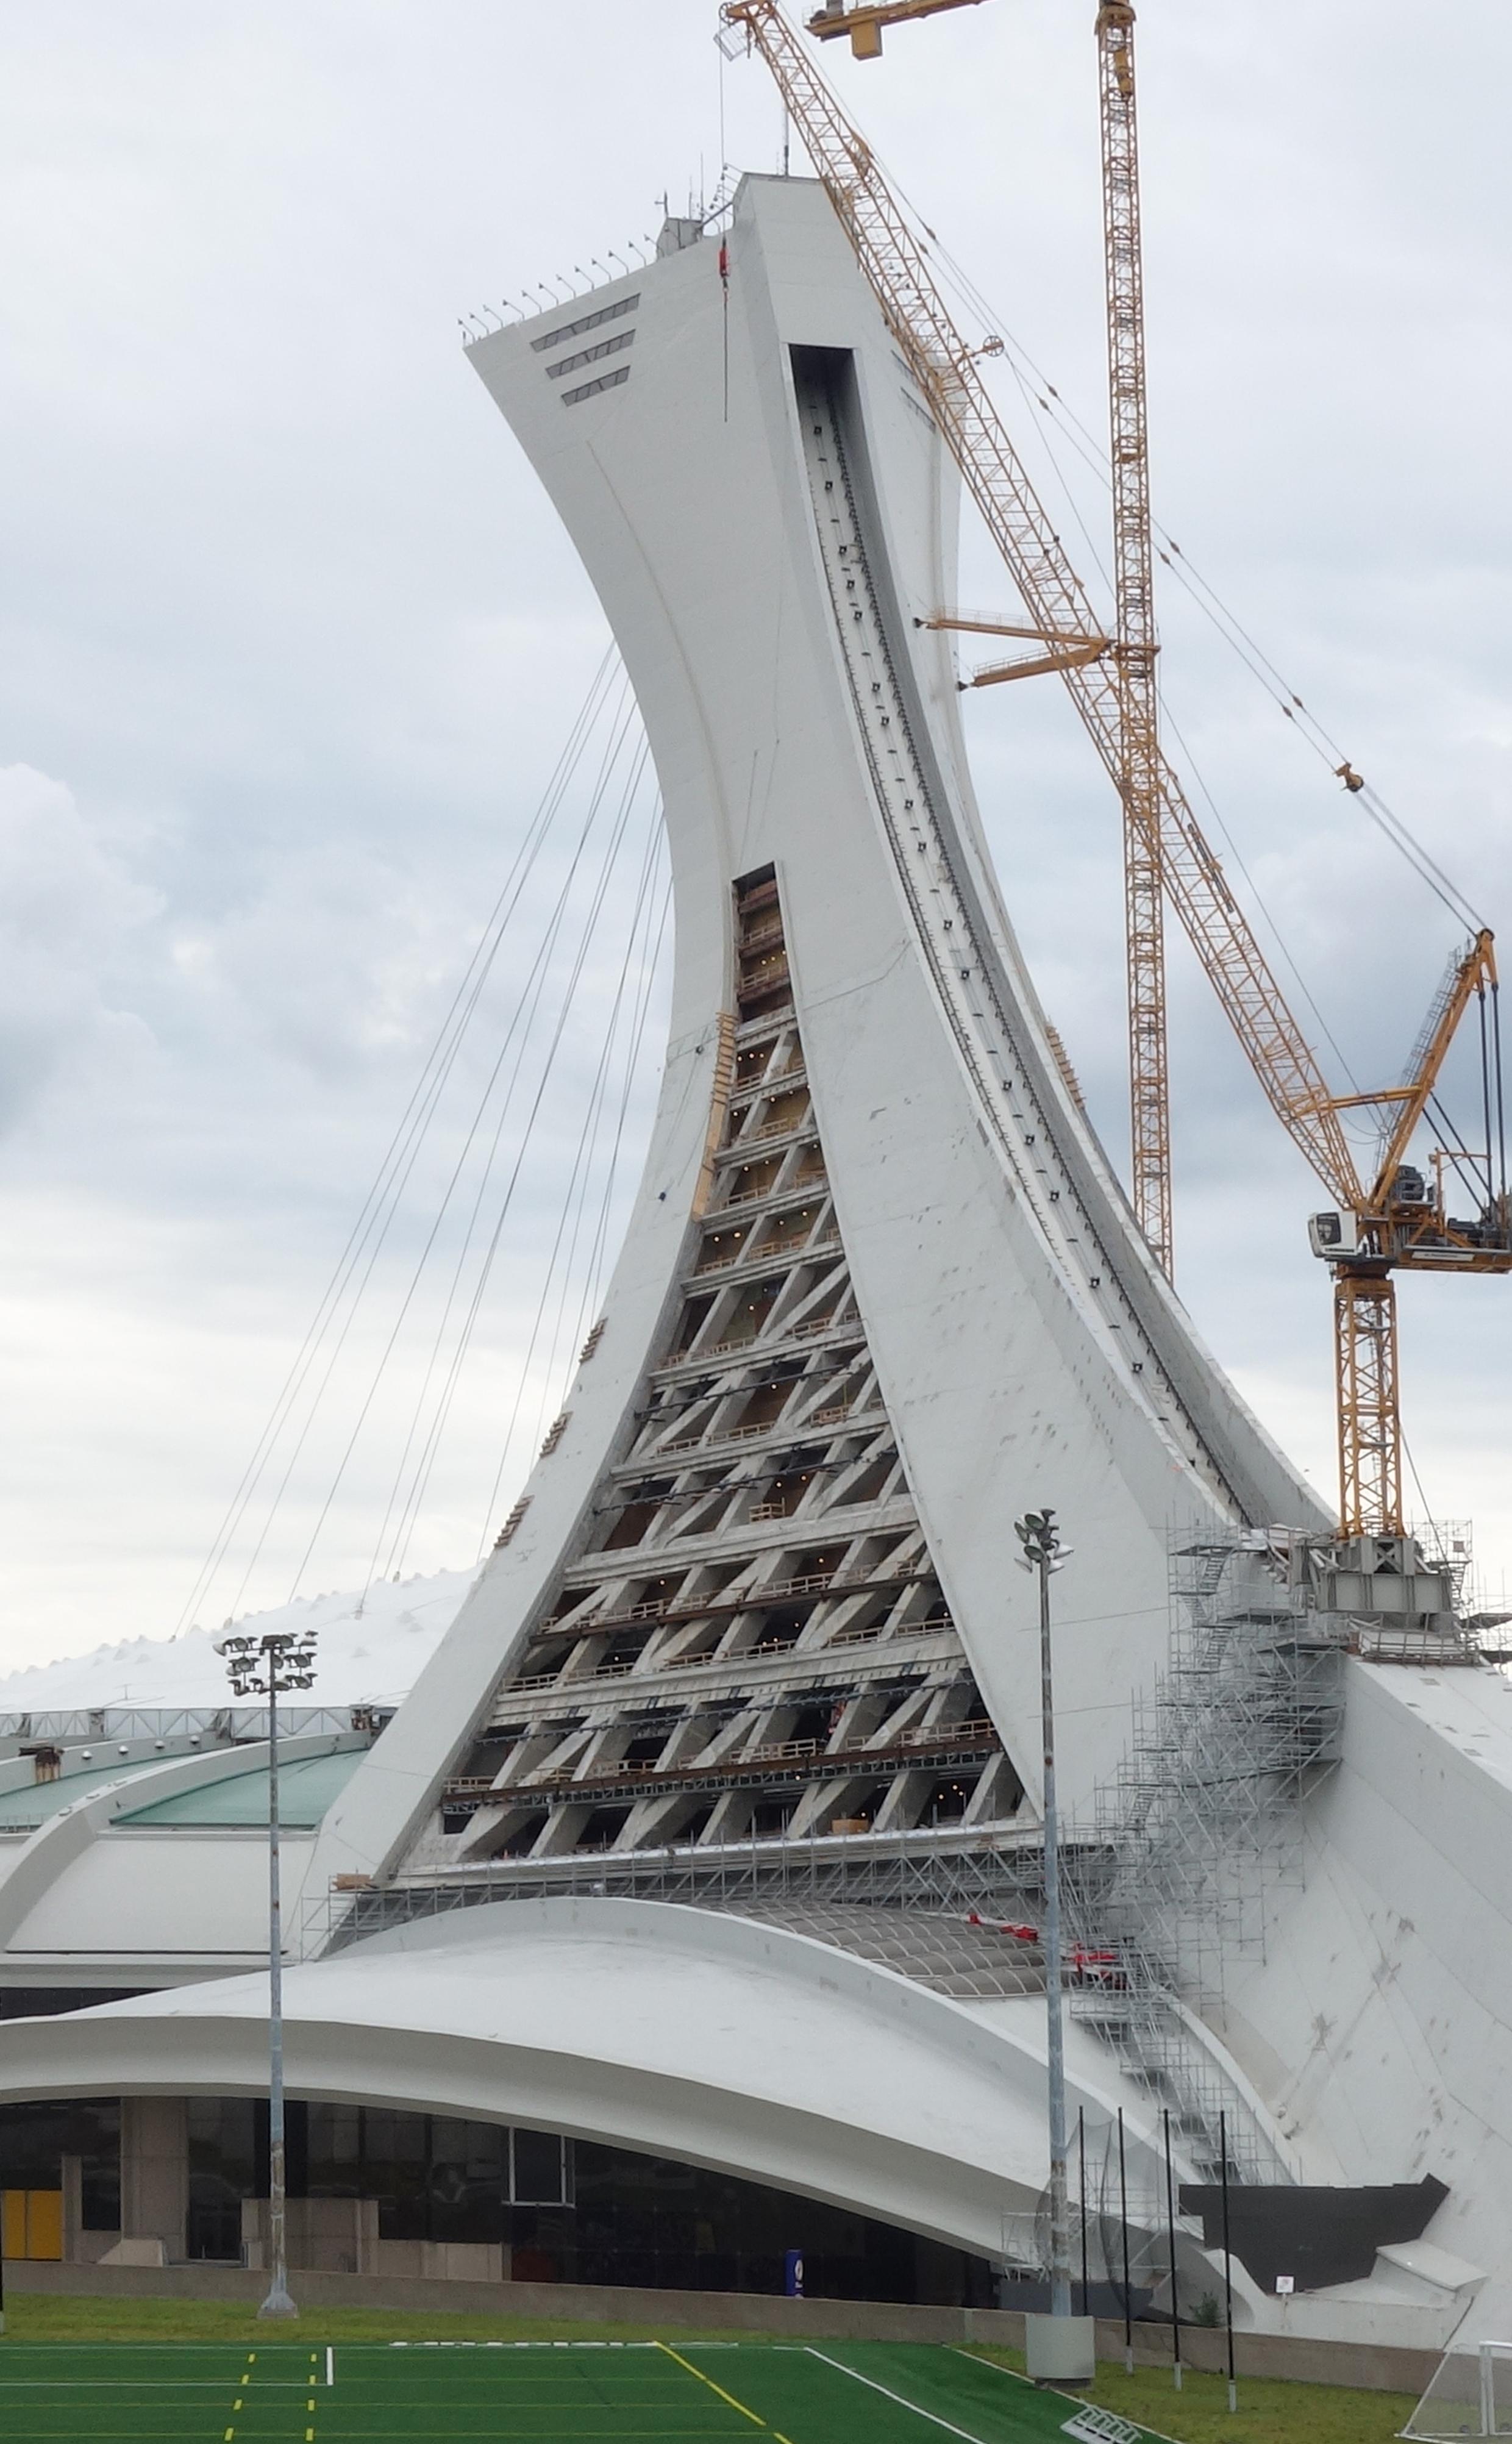 le parc olympique d voile la nouvelle apparence de la tour de montr al parc olympique. Black Bedroom Furniture Sets. Home Design Ideas